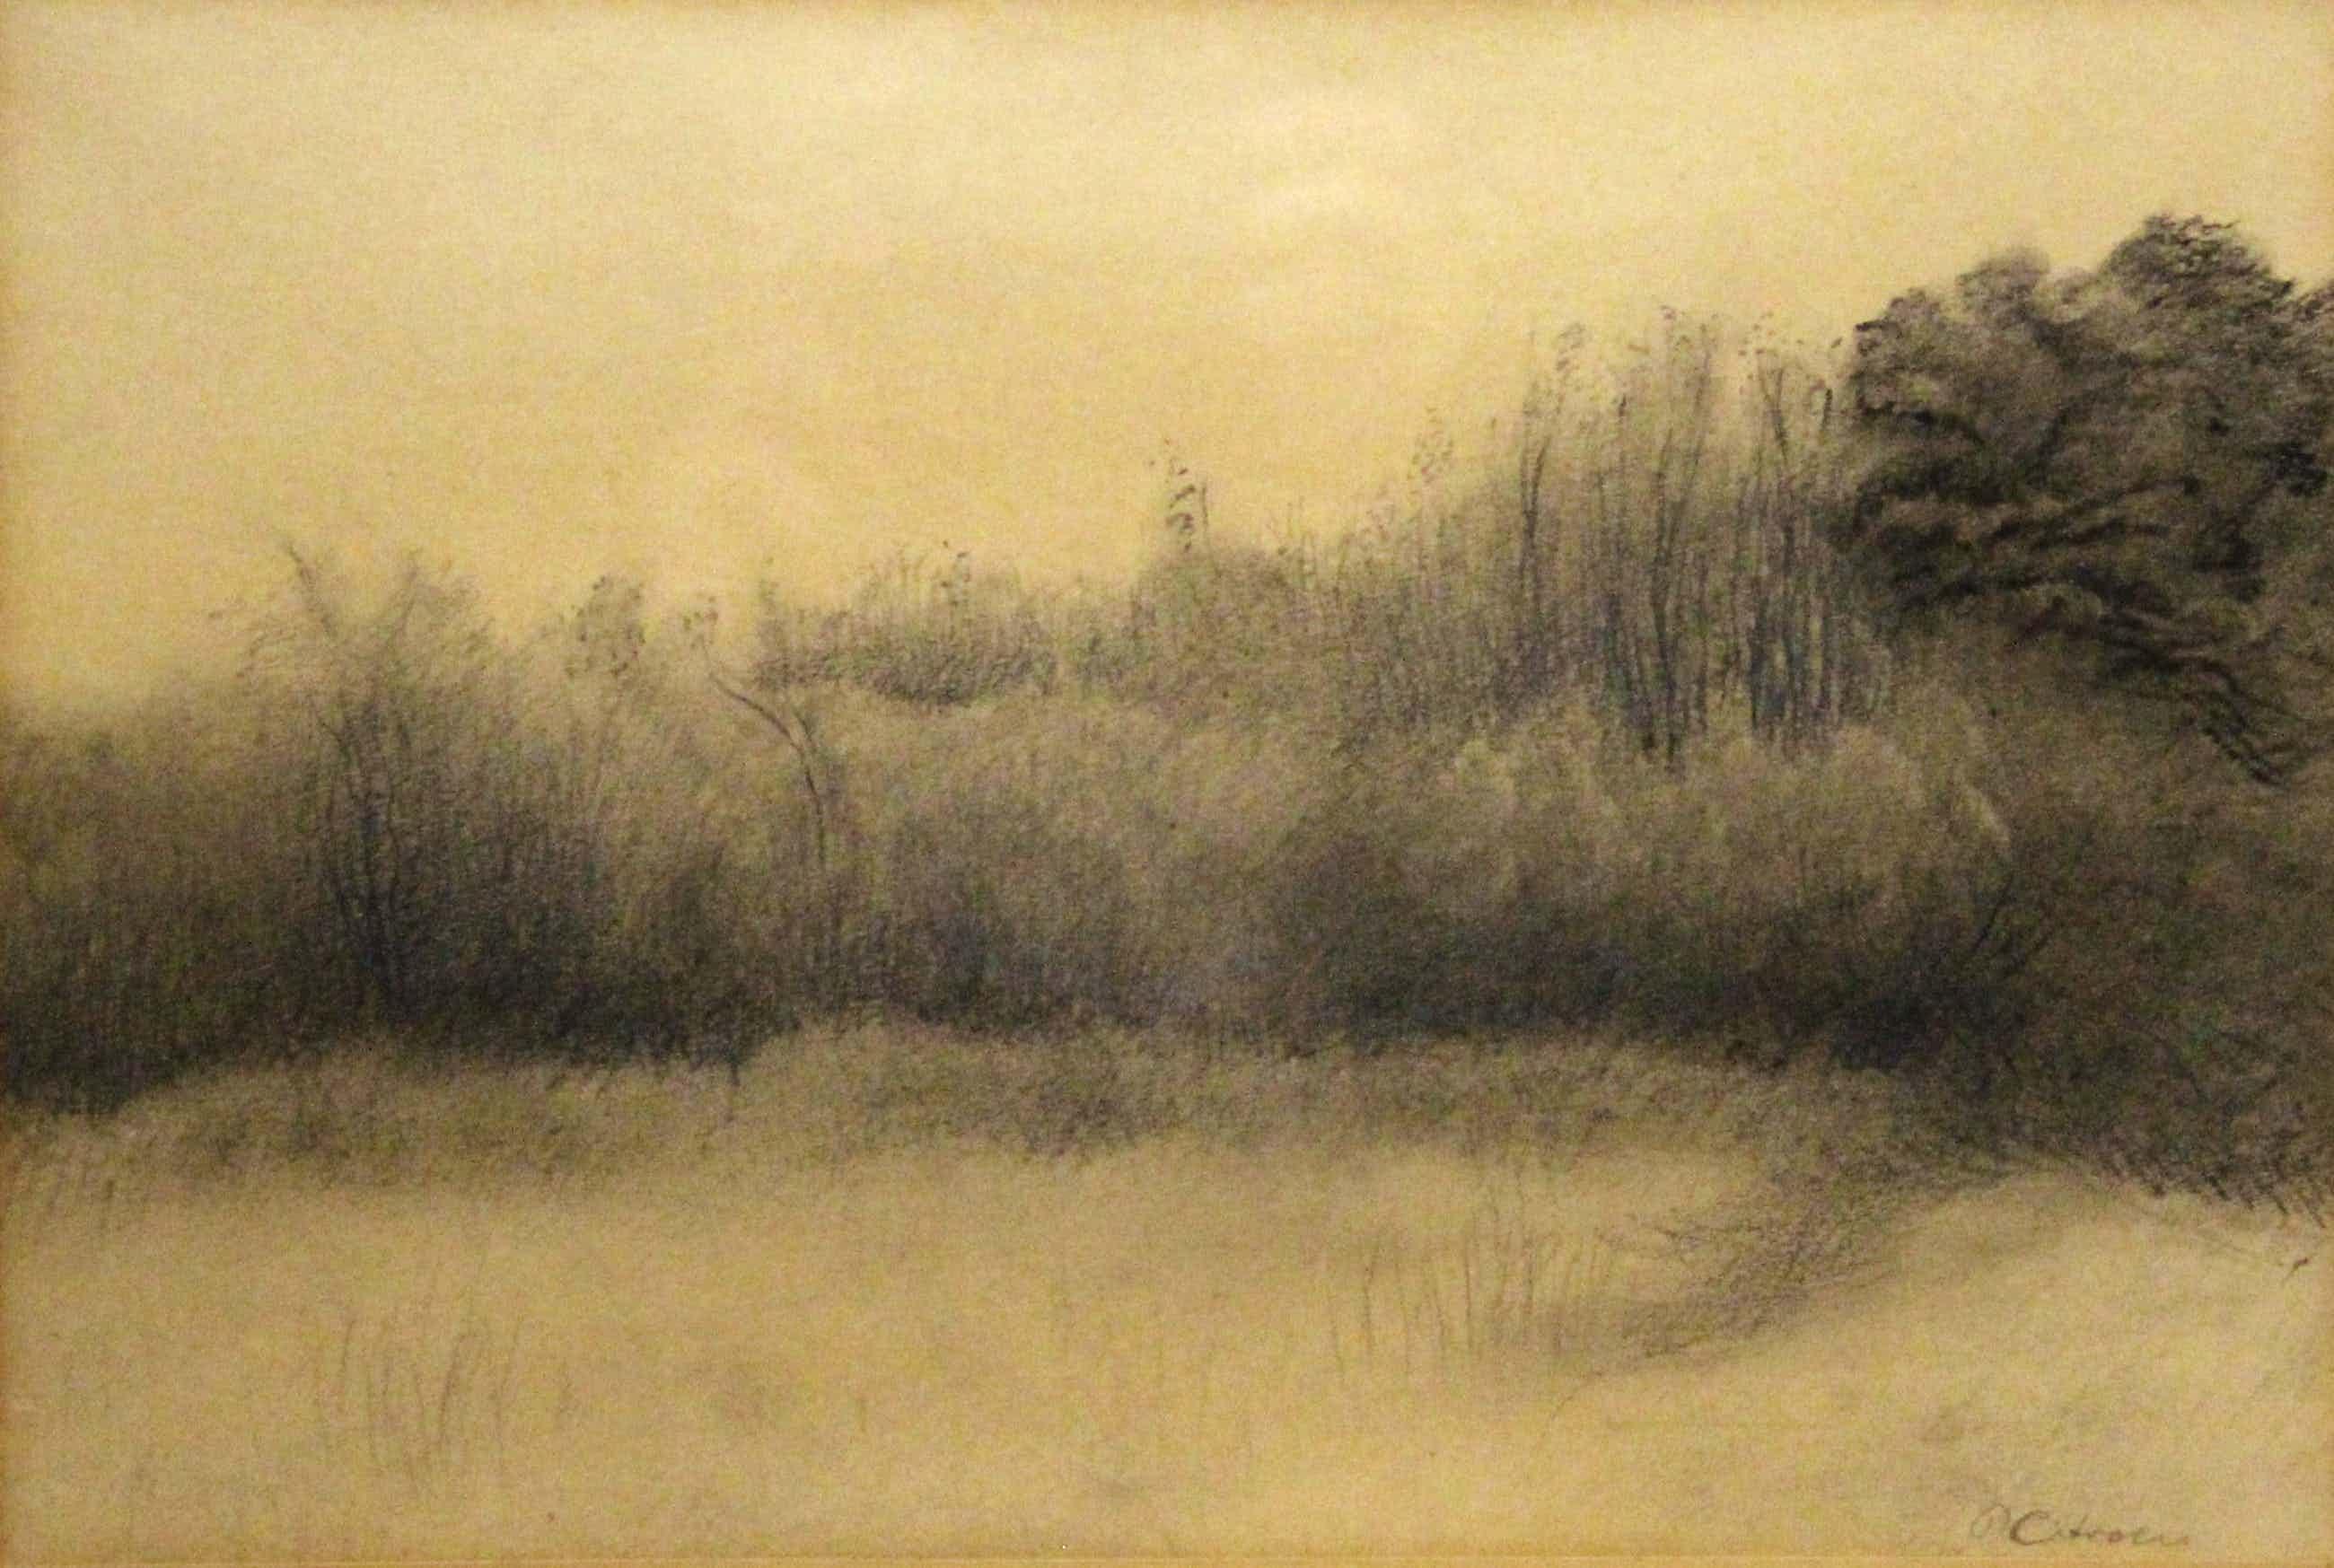 Paul Citroen - houtskooltekening - landschap met bomen en struiken kopen? Bied vanaf 275!